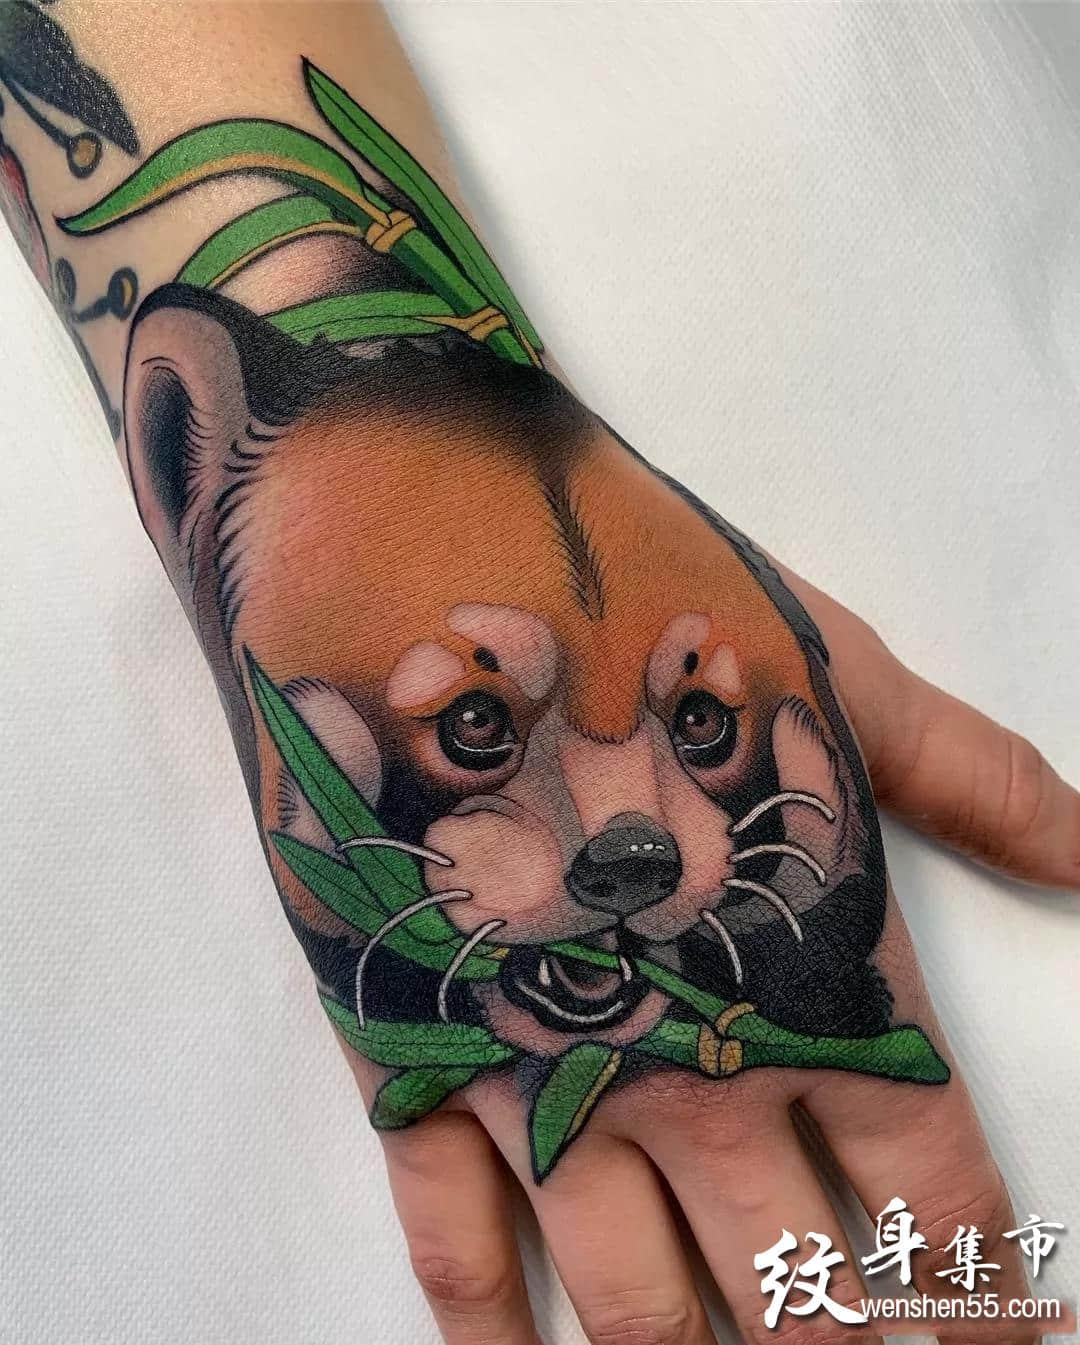 手背纹身,手背纹身手稿,手背纹身手稿图案